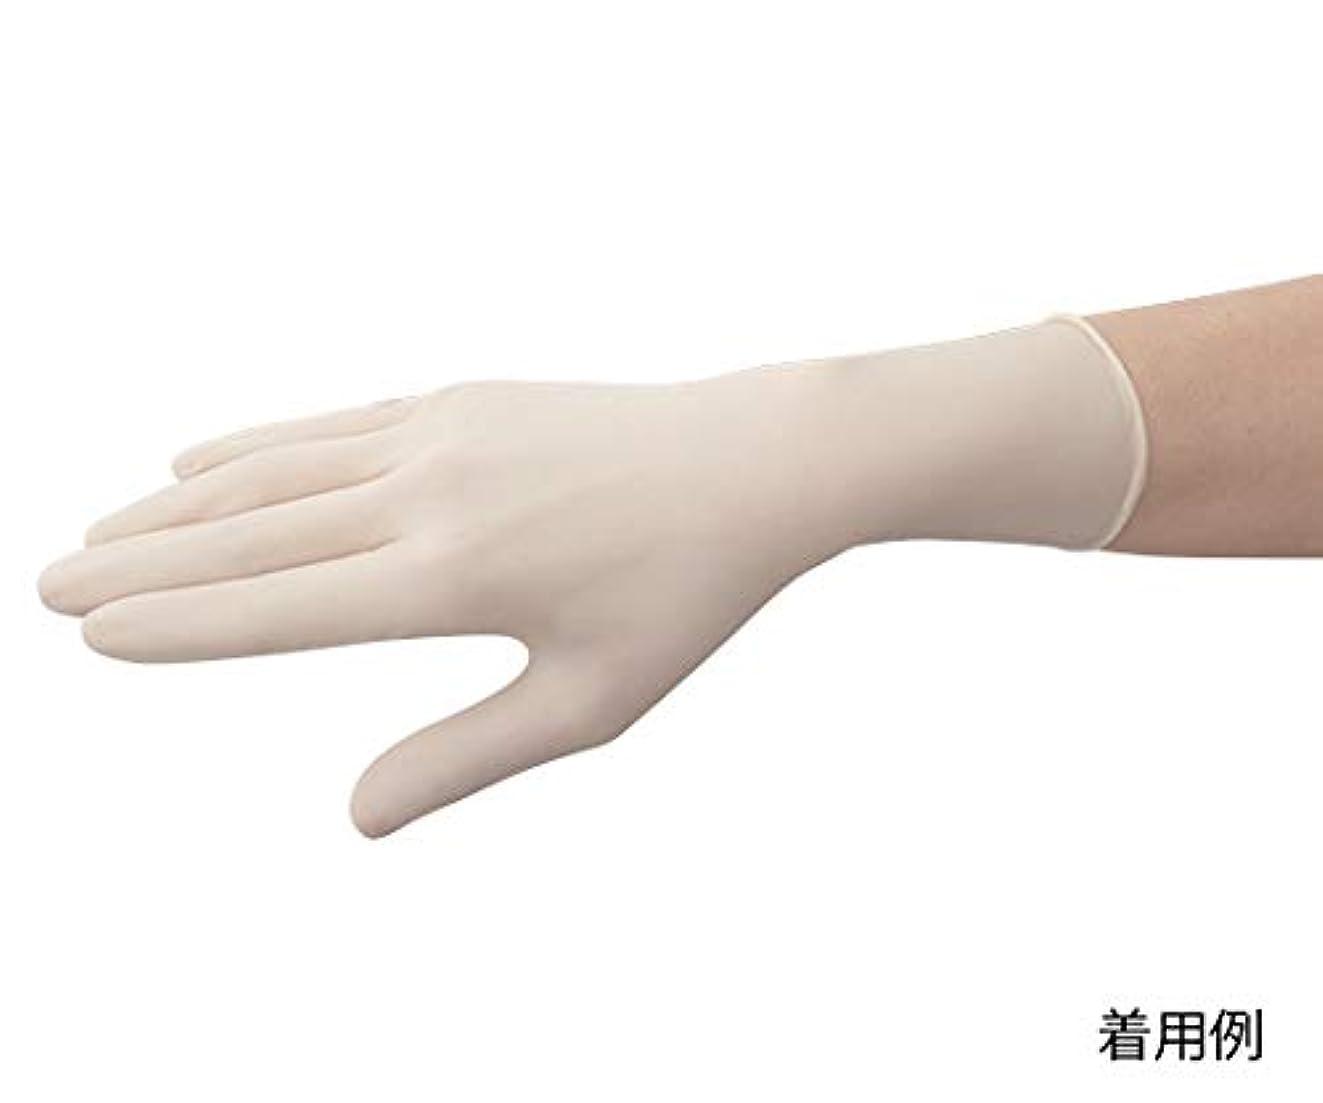 童謡扱いやすい魔女東レ?メディカル 手術用手袋メディグリップ パウダーフリー50双 8155MG